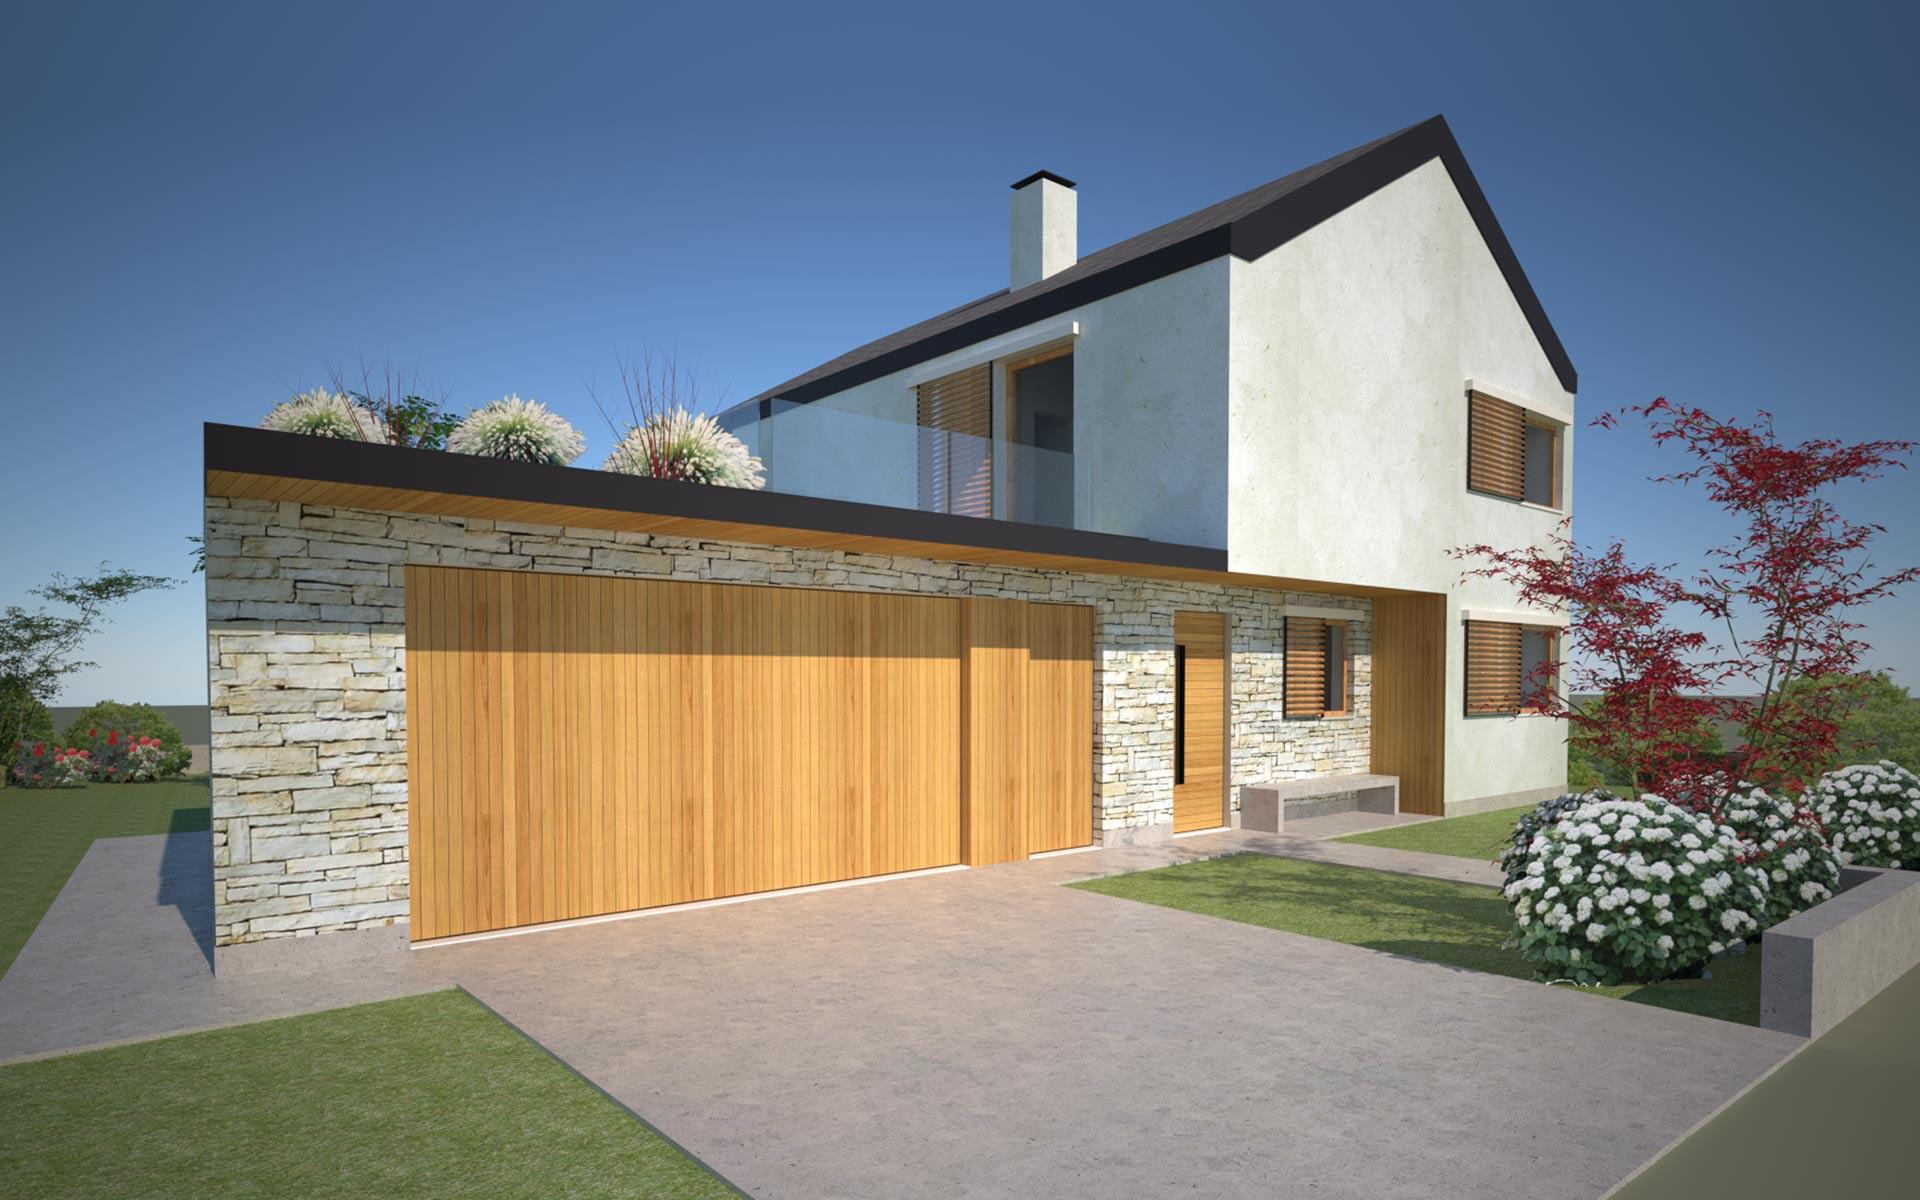 Villa in x lam progetto per pove del grappa globarch for Villa legno